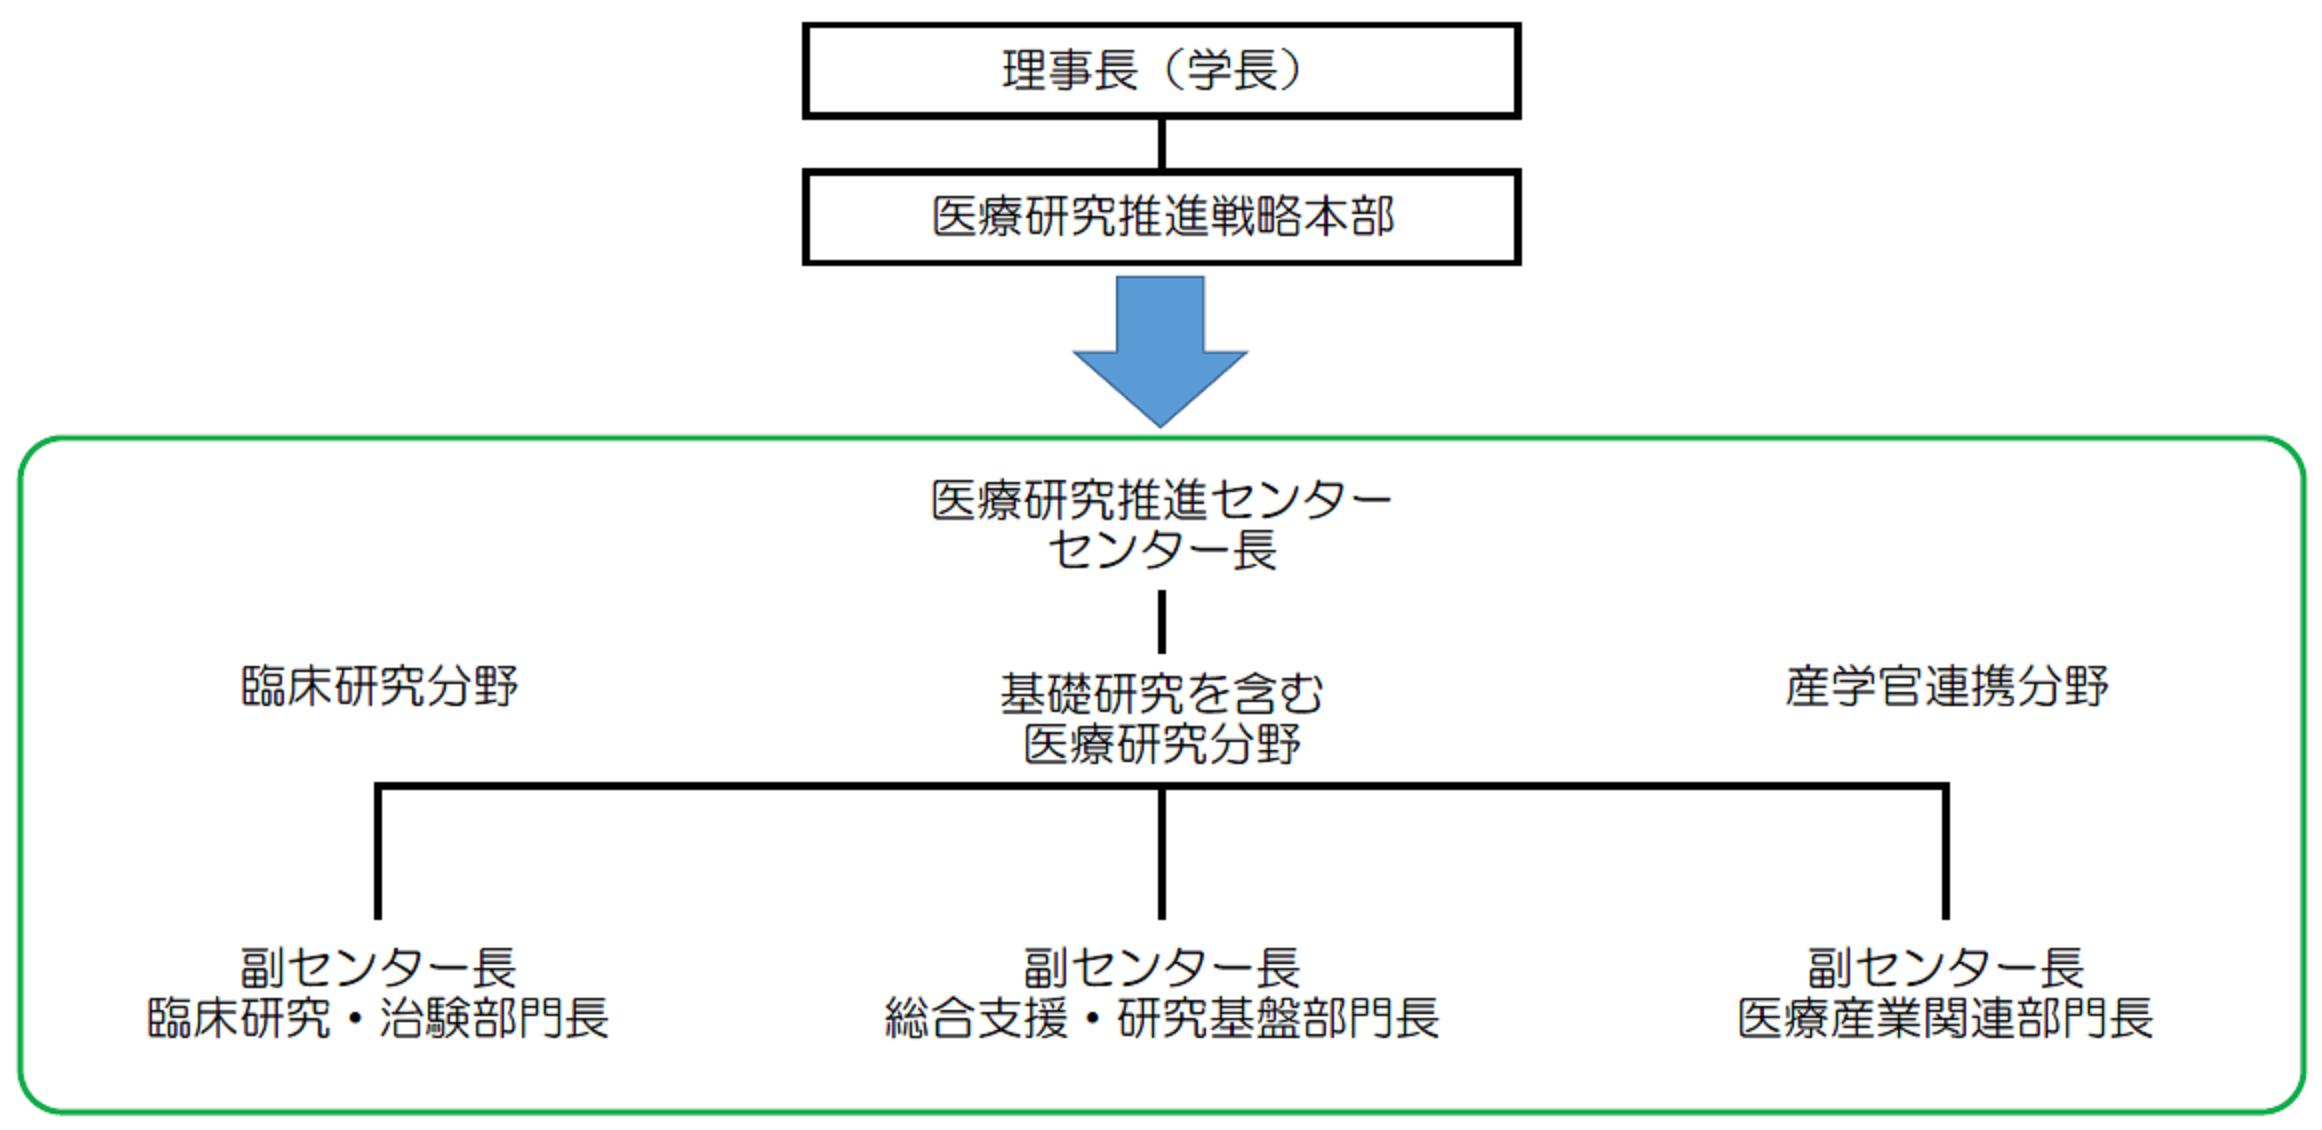 福島県立医科大学[研究成果情報]